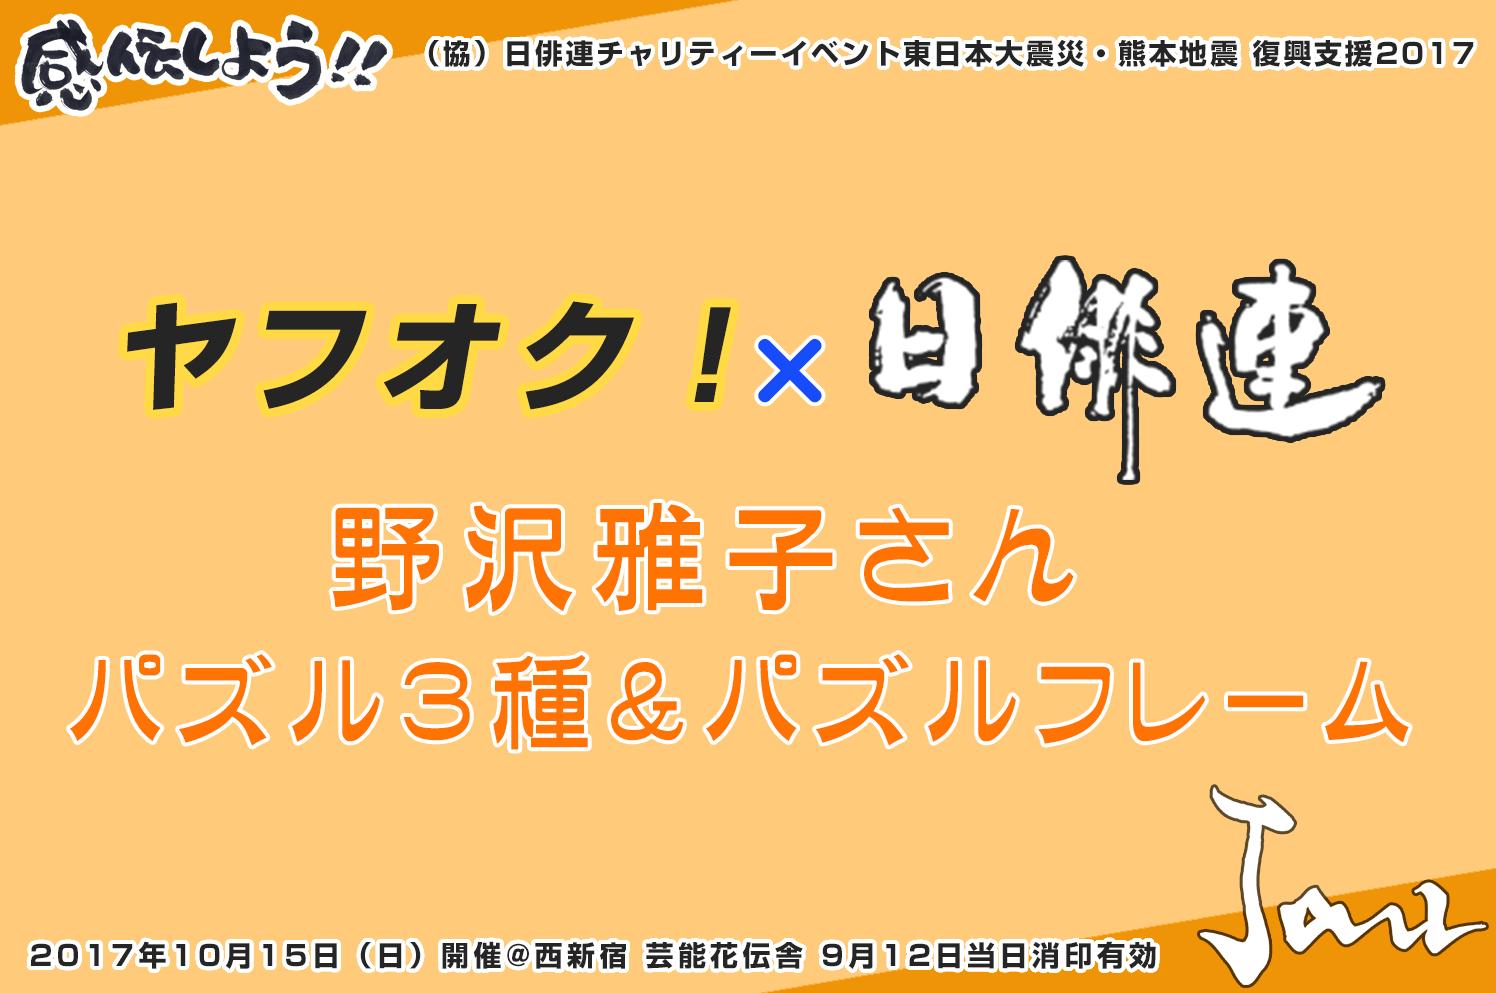 ヤフオク!×日俳連『野沢雅子さん パズル3種&パズルフレーム』